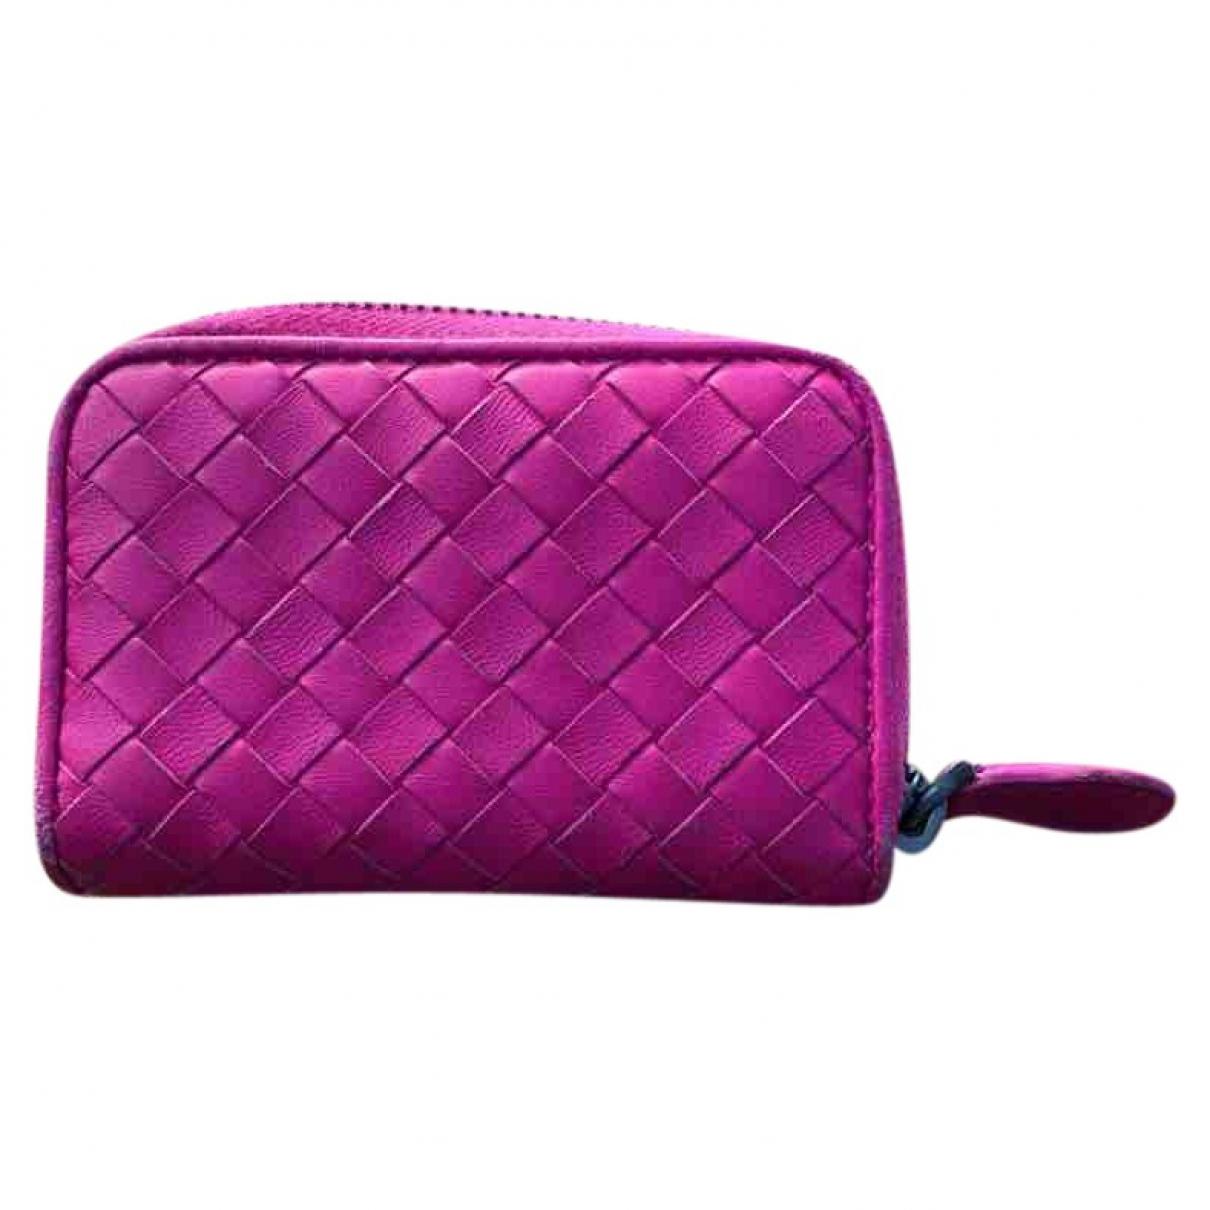 Bottega Veneta - Petite maroquinerie Intrecciato pour femme en cuir - rose